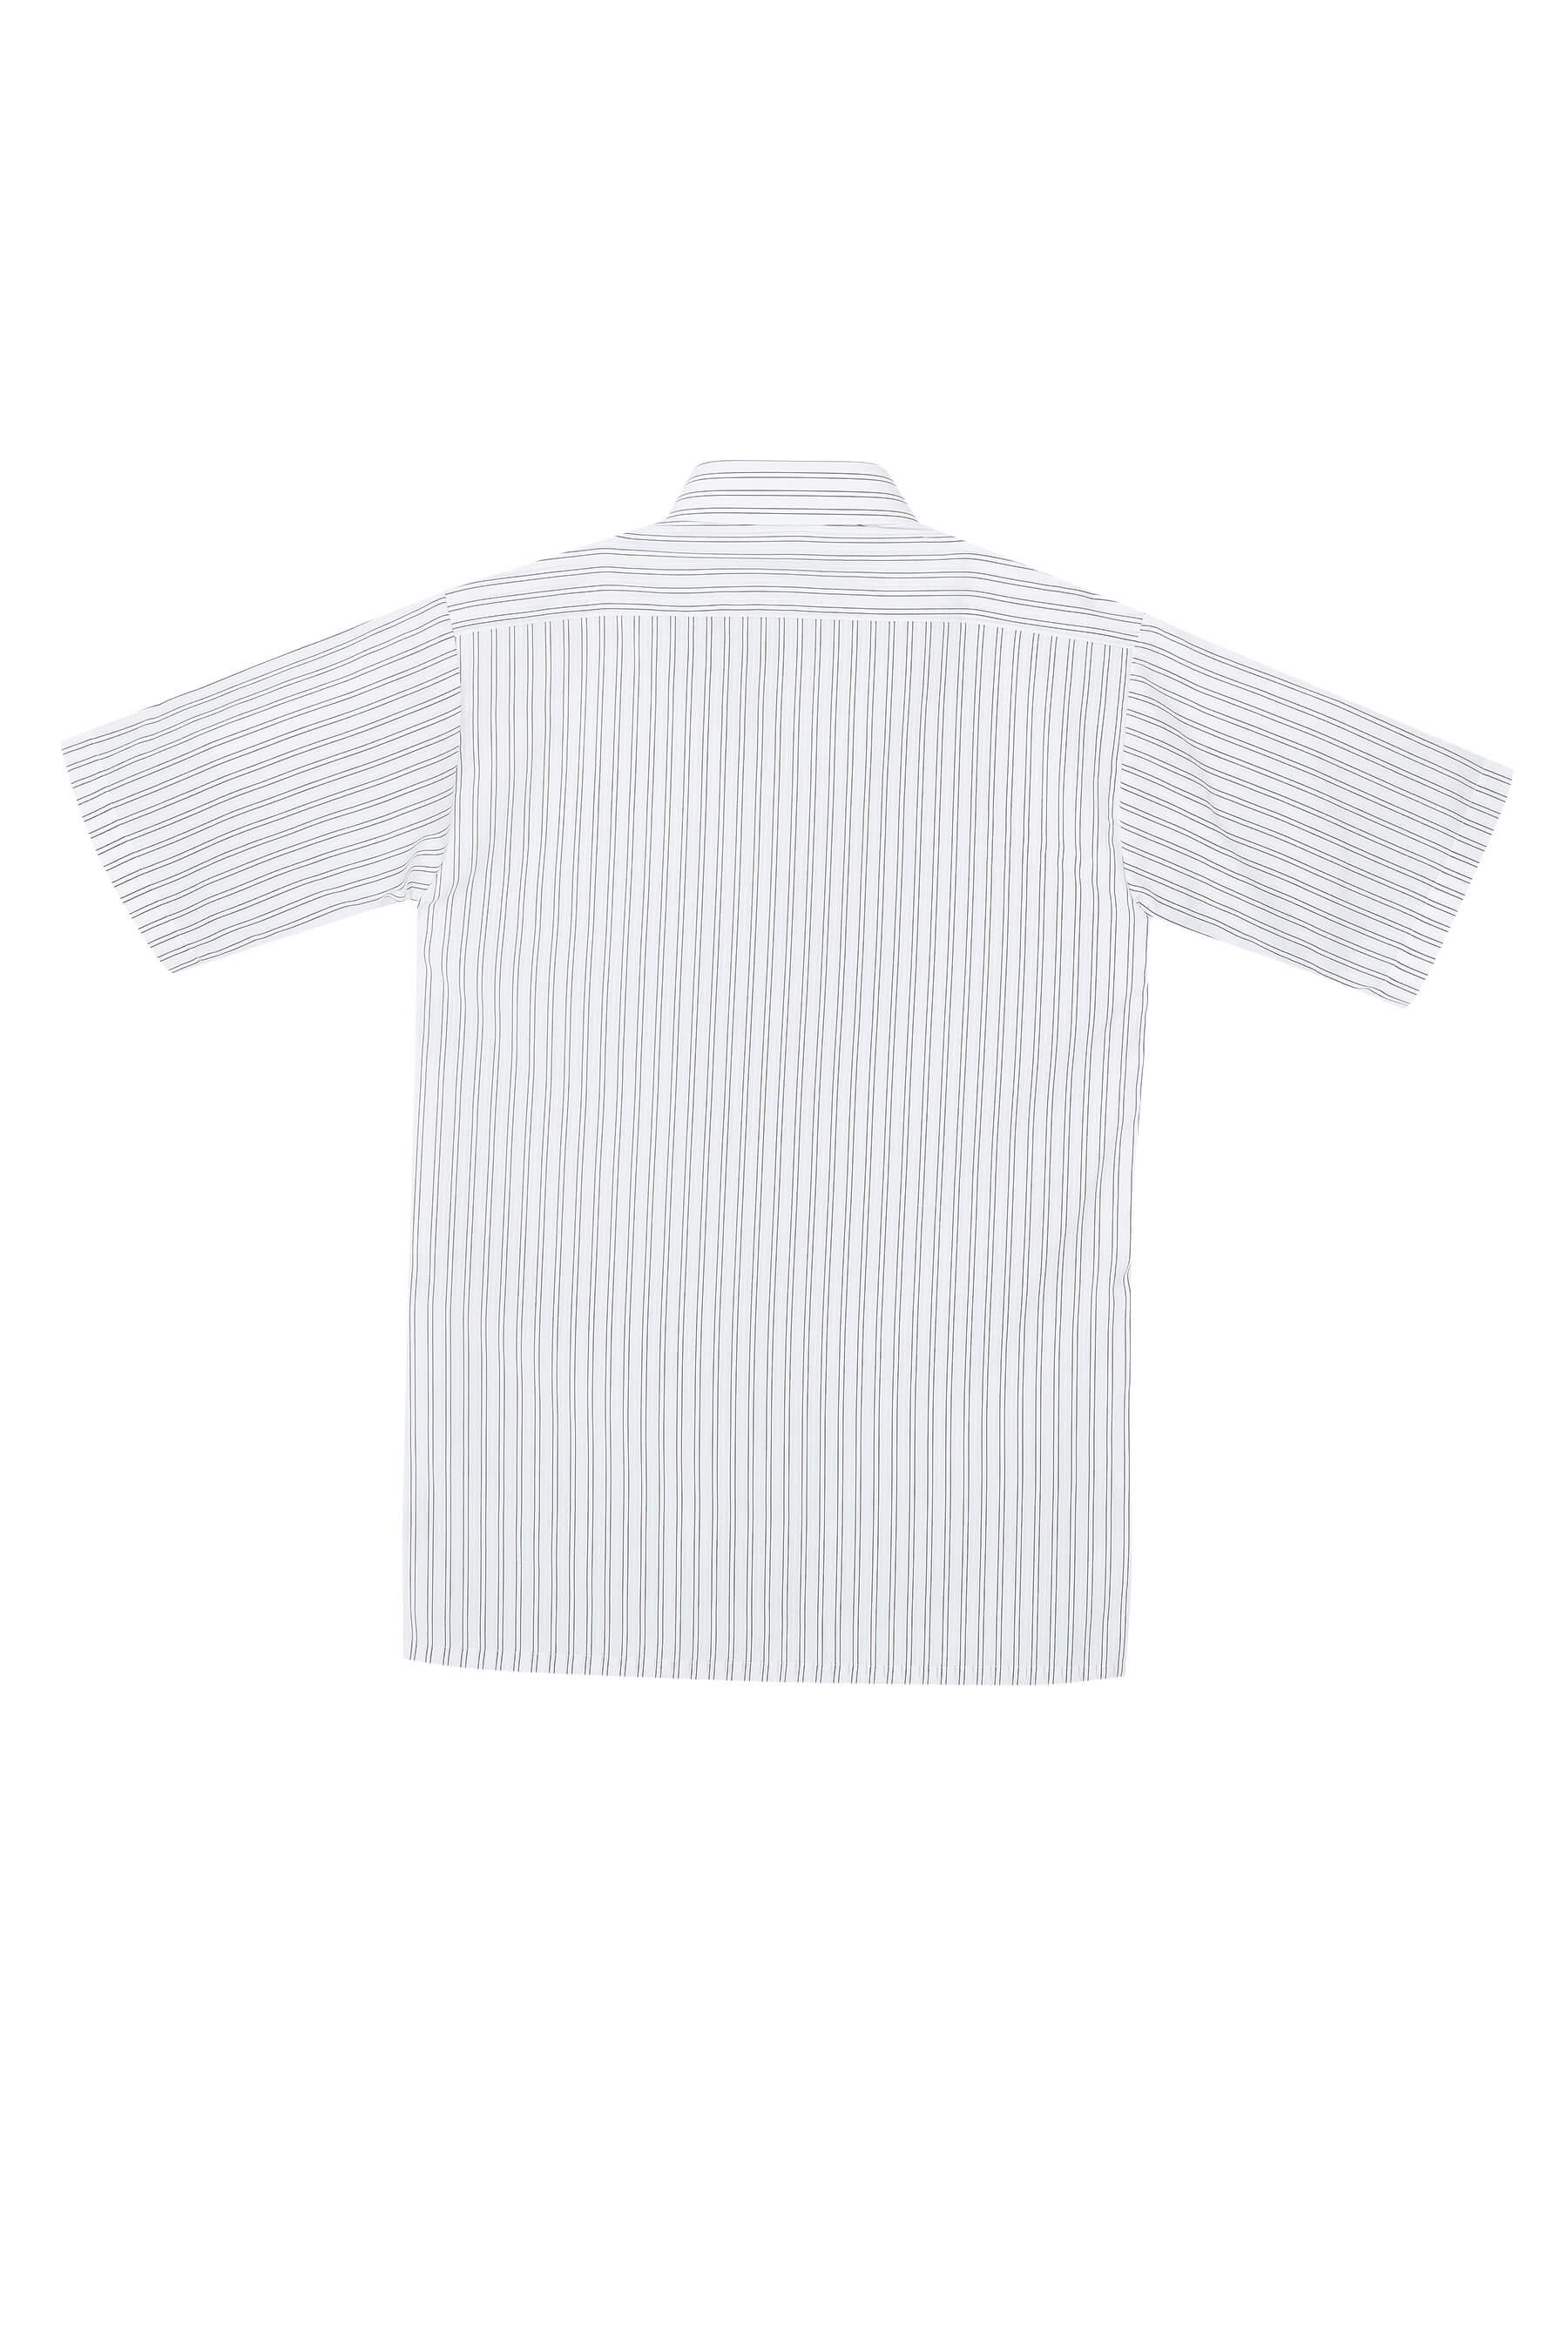 白底黑條紋棉質短袖襯衫/舒適透氣